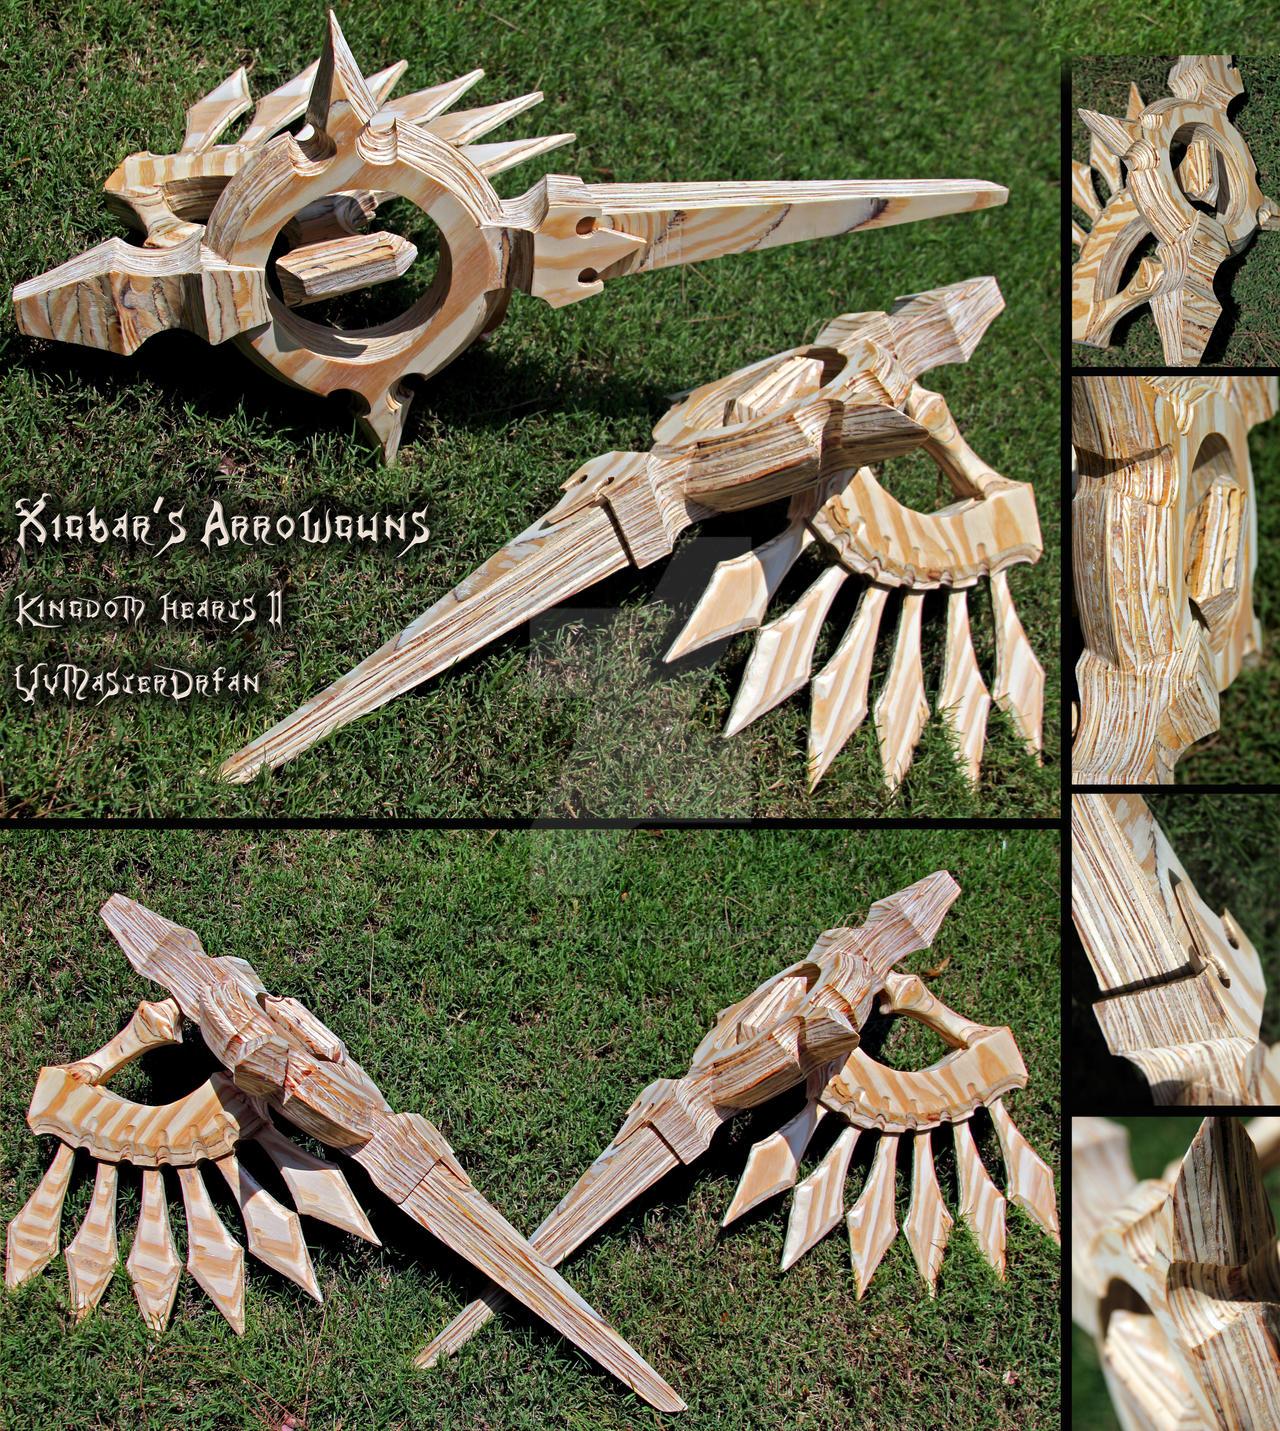 Xigbar's Arrowguns Wood by vvmasterdrfan